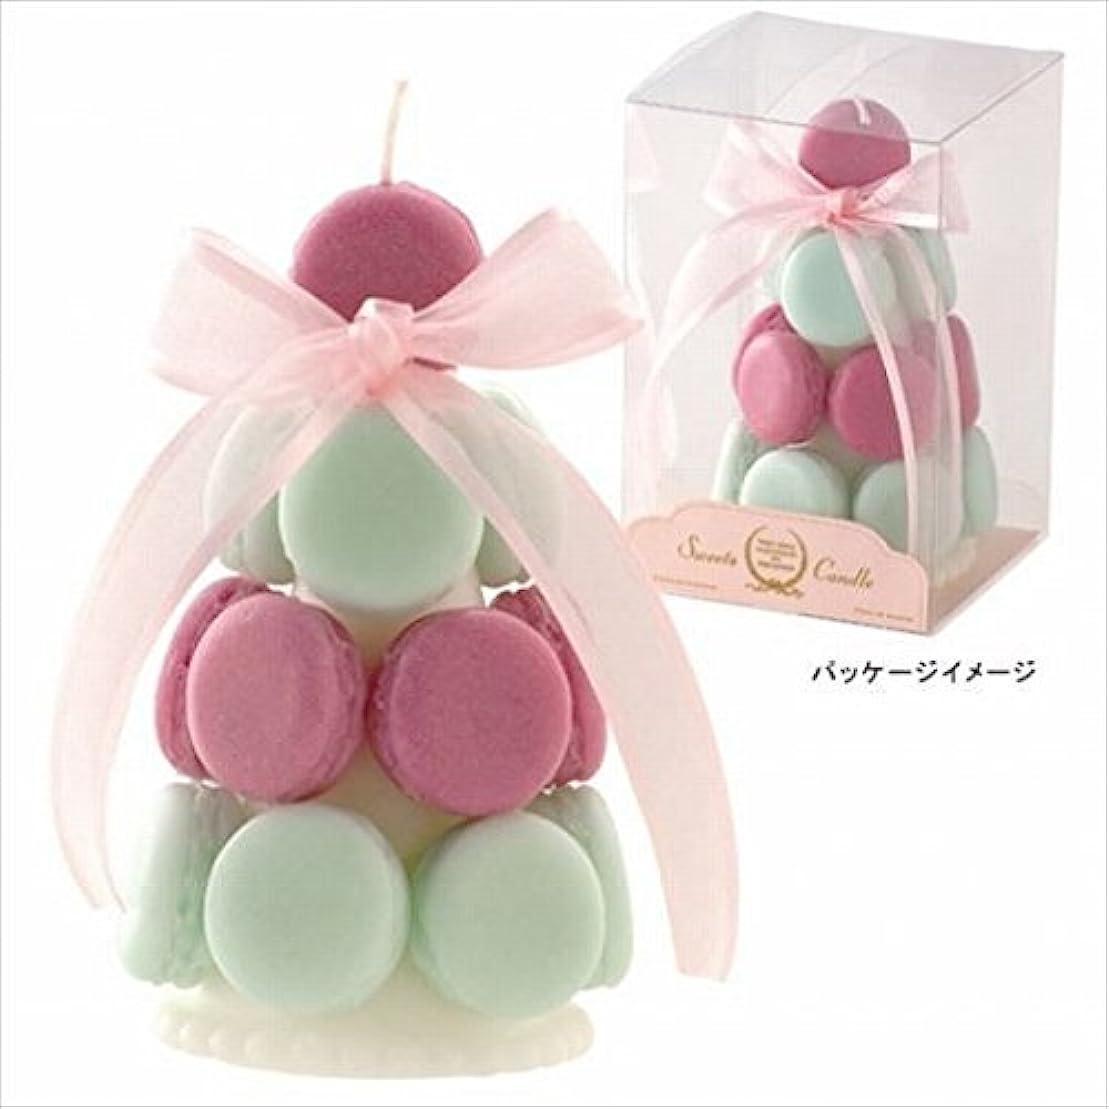 ひどく面倒必需品カメヤマキャンドル( kameyama candle ) ハッピーマカロンタワー 「 メロングリーン 」